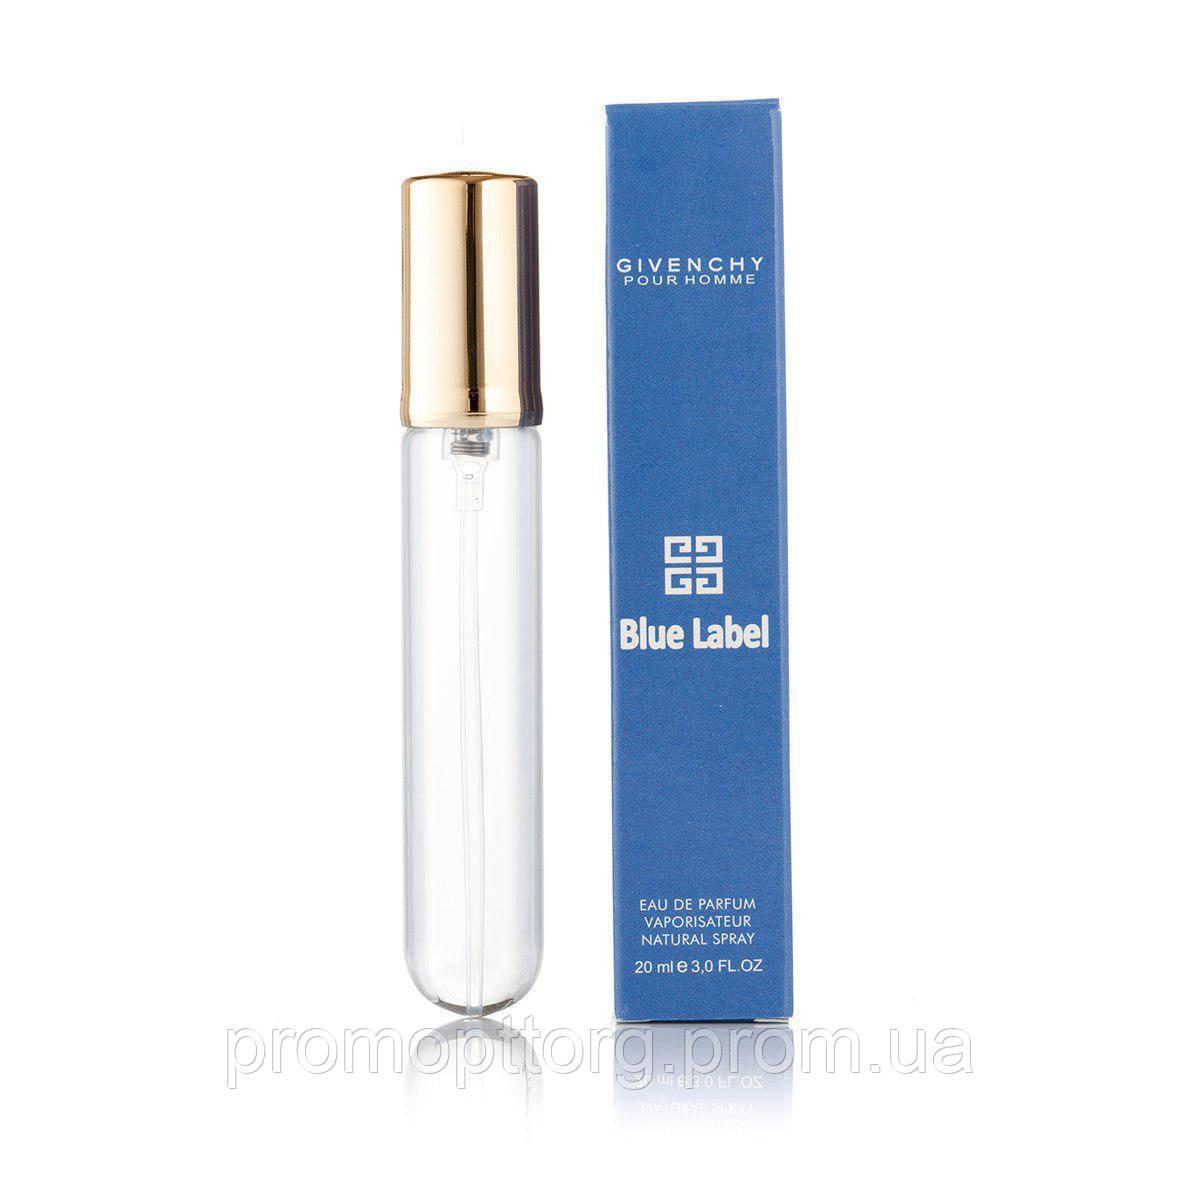 Мужской мини парфюм Givenchy Blue Label 20 ml  (реплика)